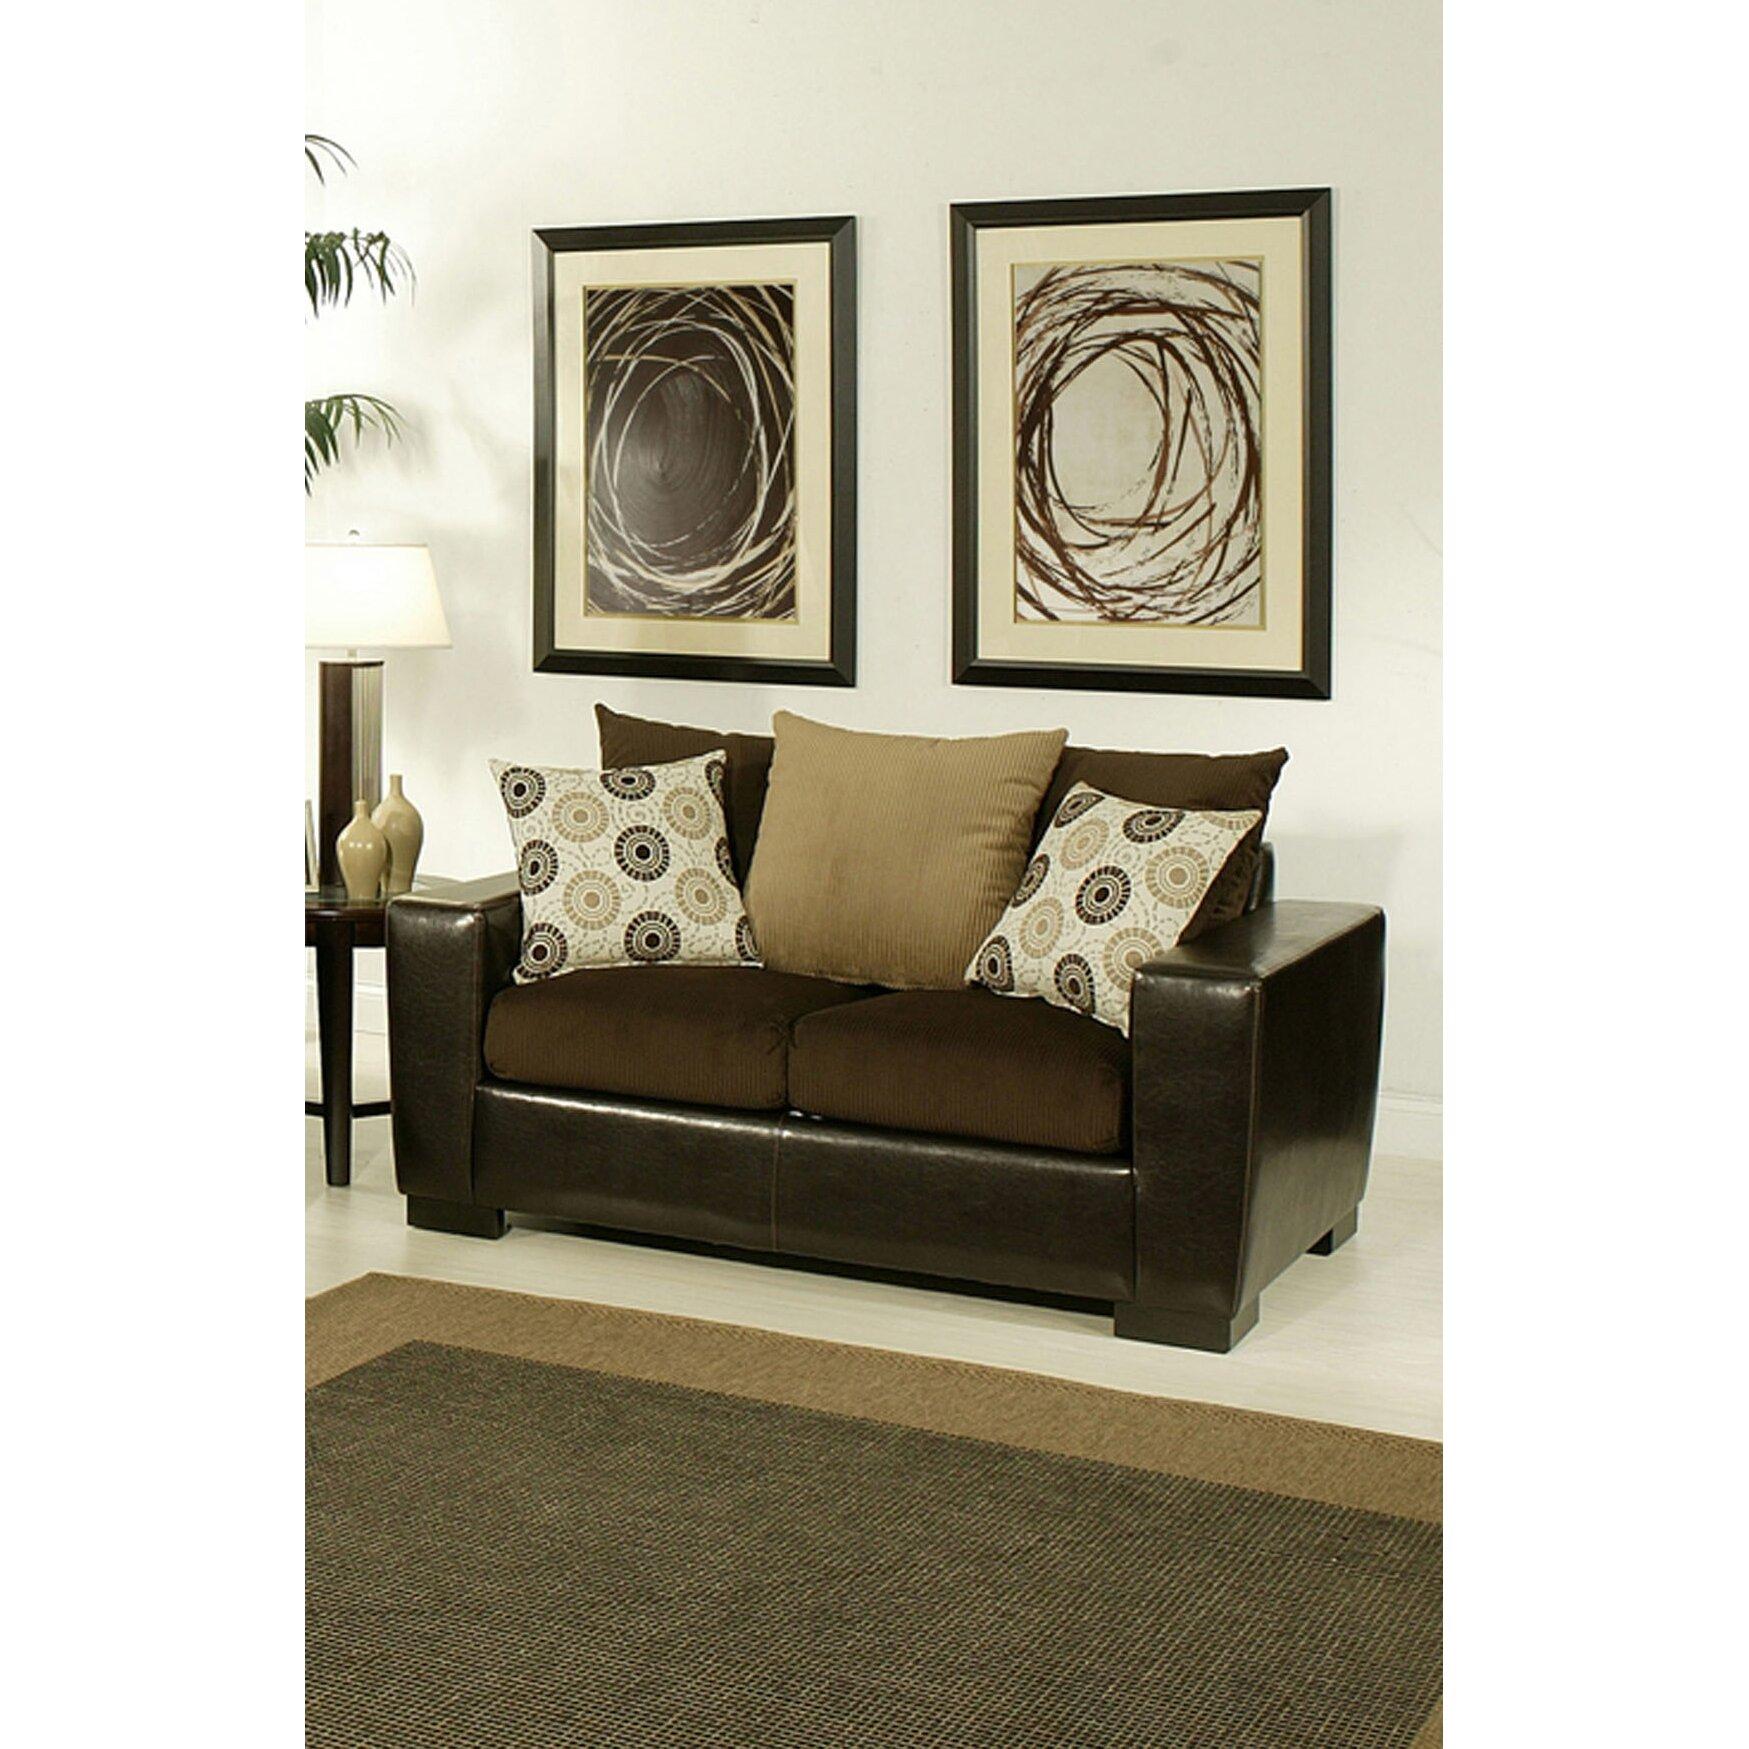 Hokku designs darlenne micliving room collection wayfair for Hokku designs living room furniture